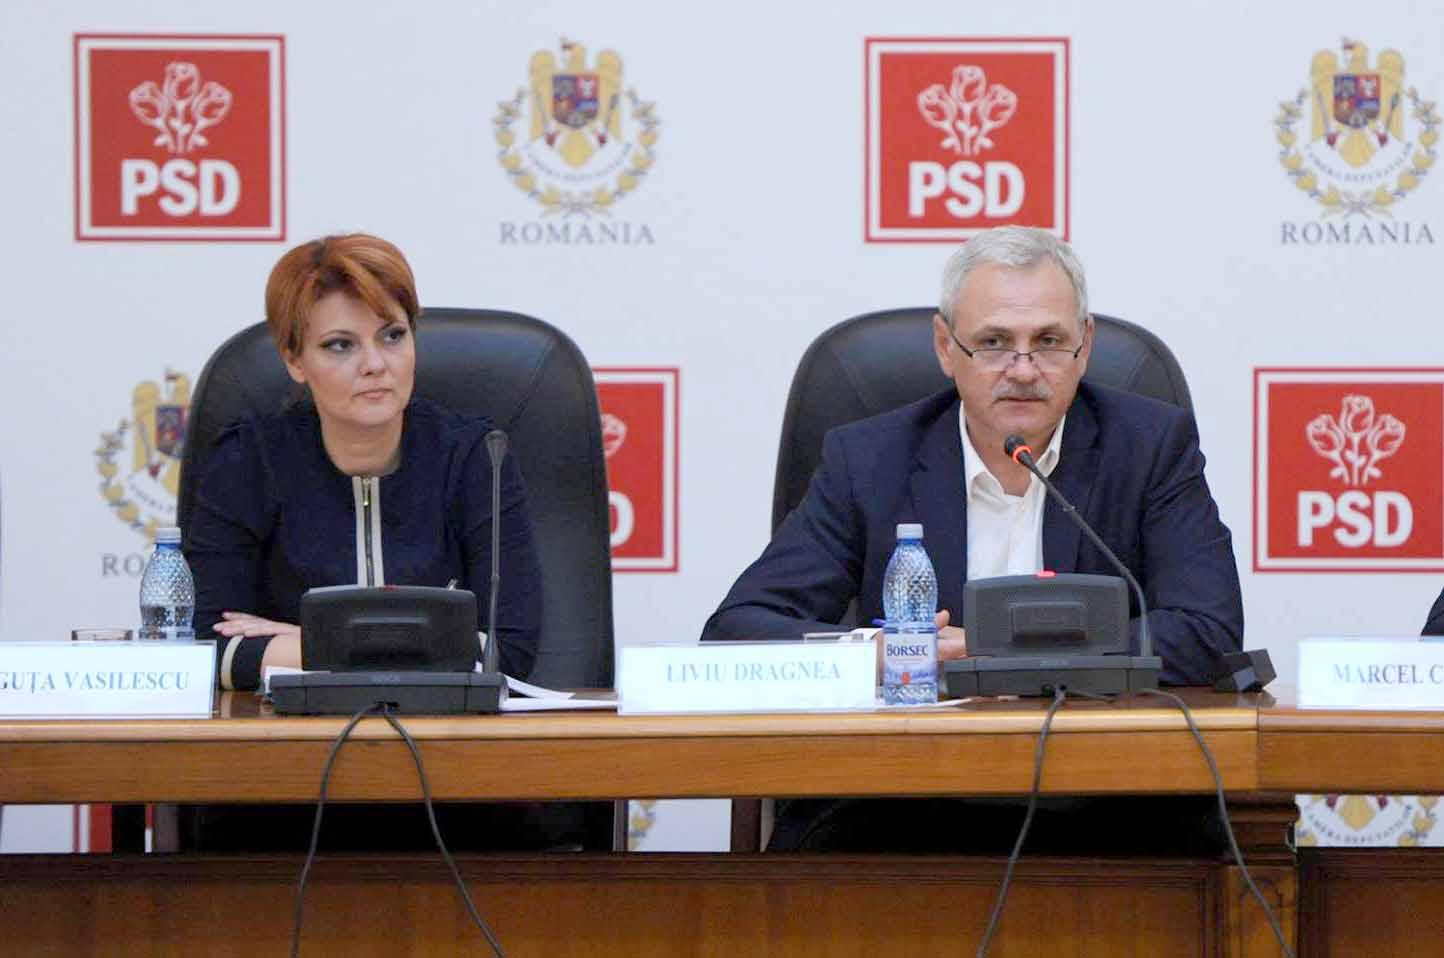 Jale, Lia Olguta Vasilescu primeste de la Dragnea tocmai ministerul care ar trebui sa scape soferii de calvar.